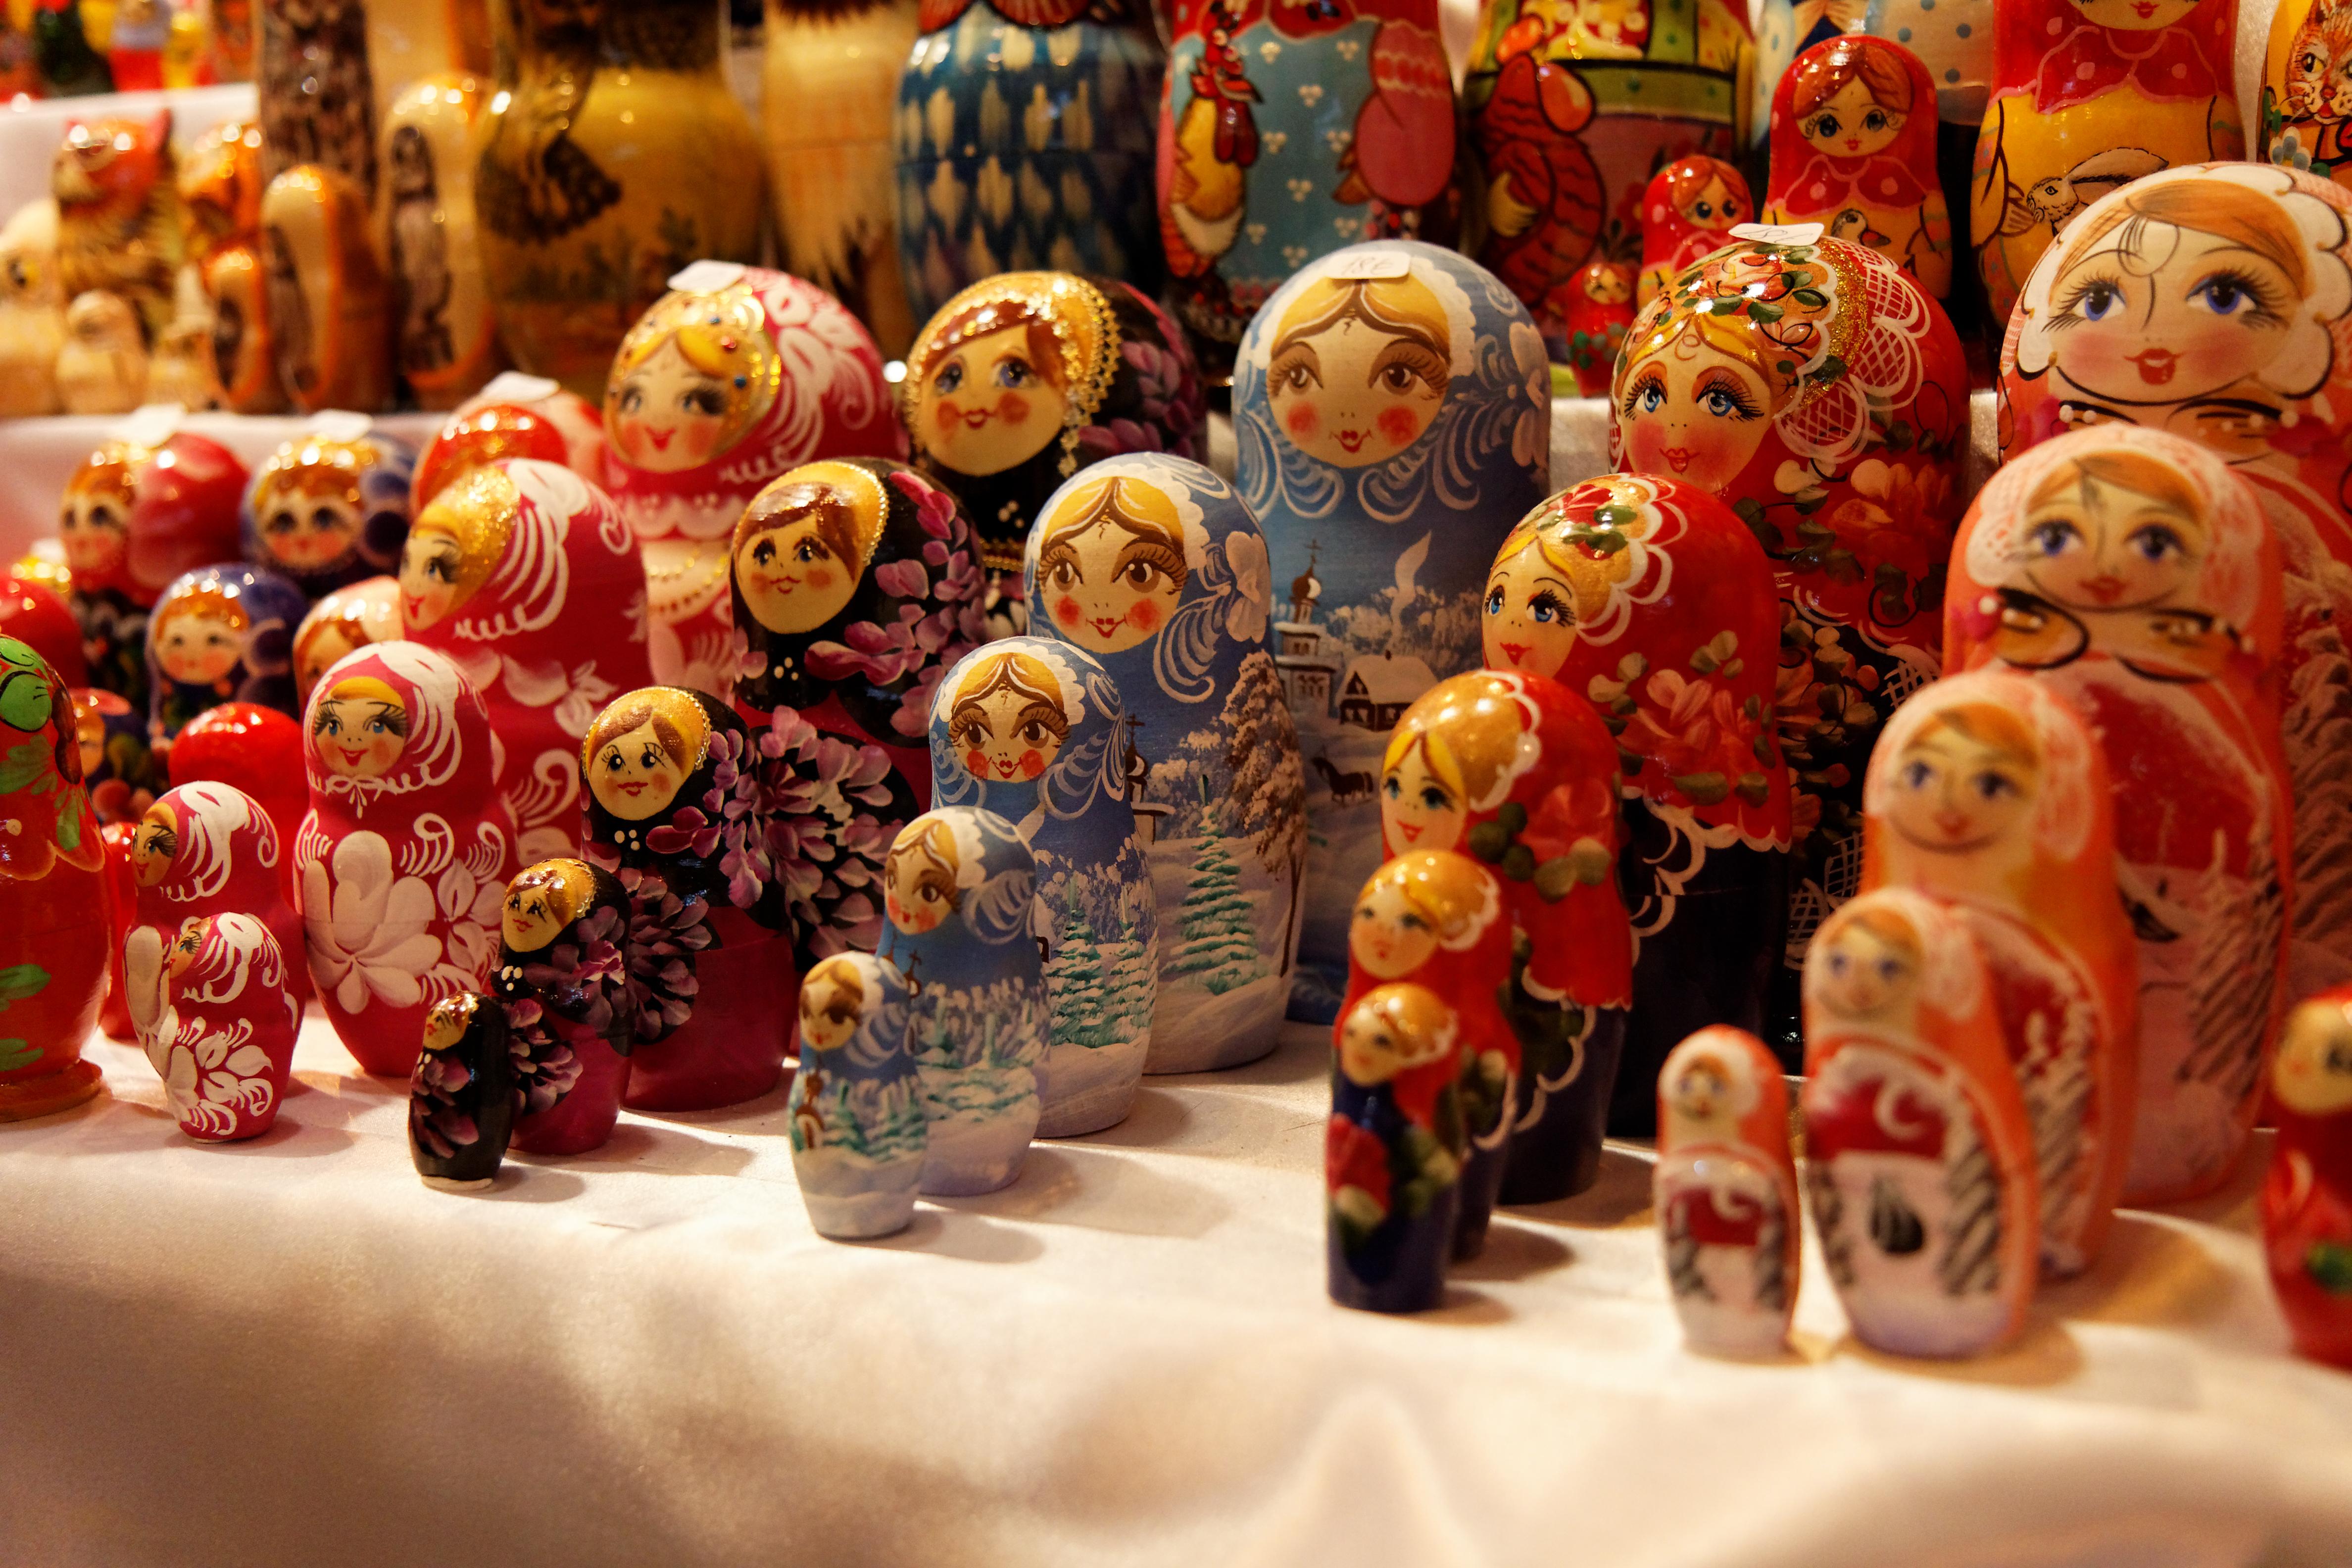 File:Foire de Paris 2011 - Artisanat russe - 003.jpg - Wikimedia Commons